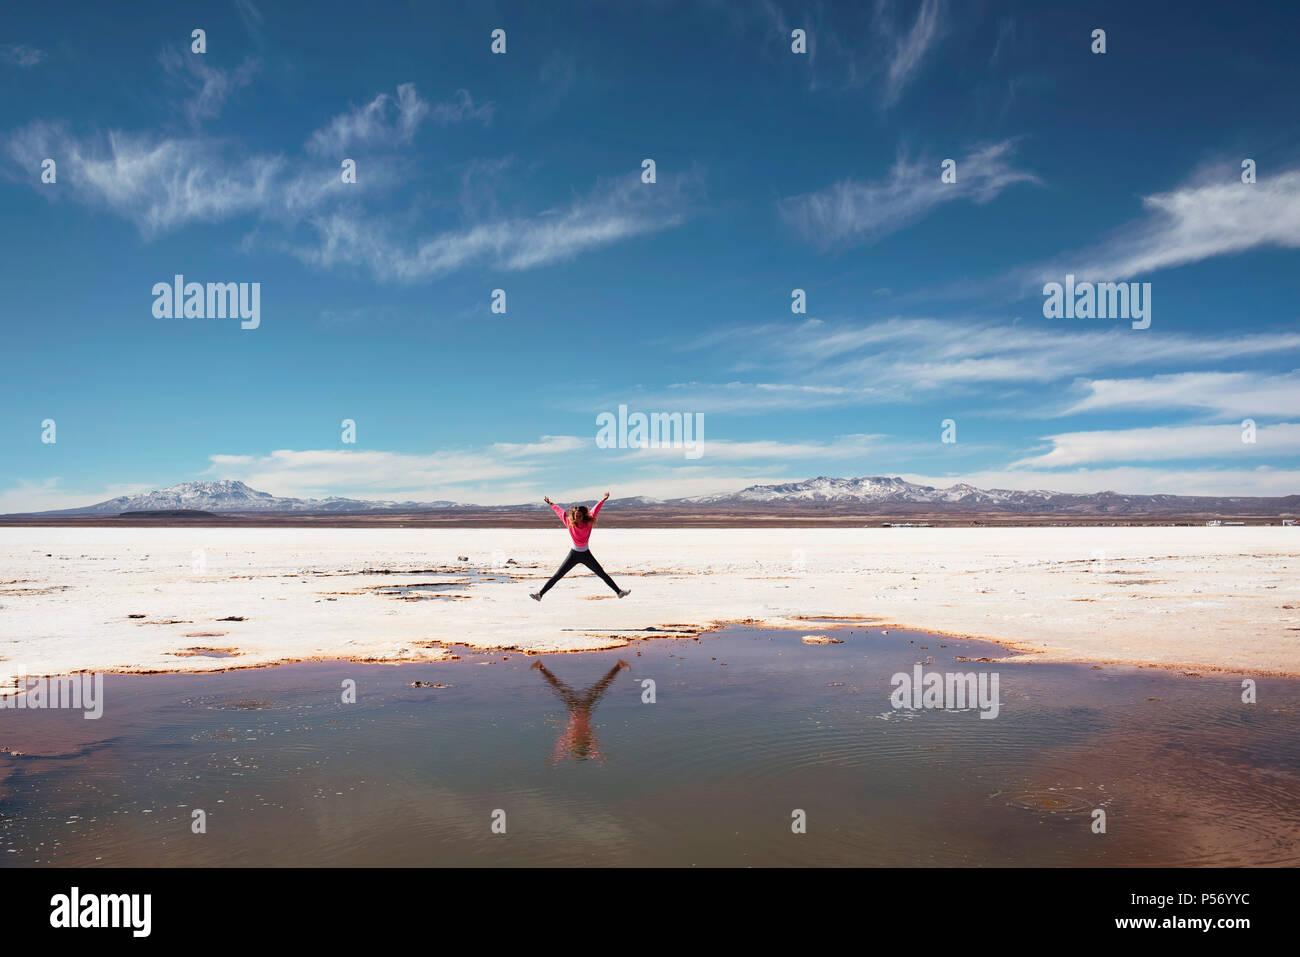 Heureux de sauter sur le côté d'une flaque d'eau salée naturelle au Salar de Uyuni, Bolivie. Photo Stock